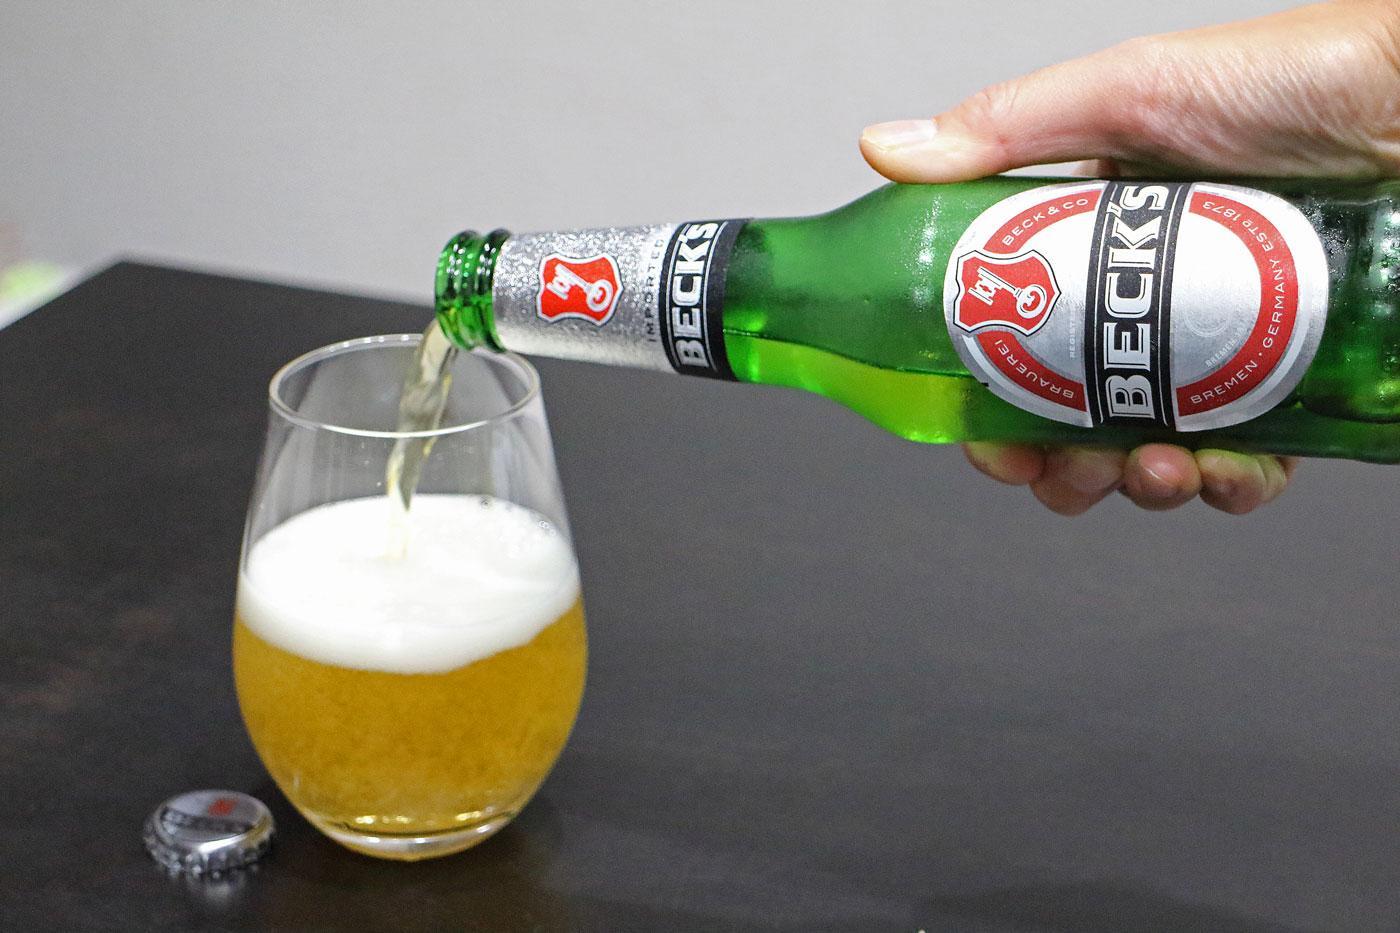 ドイツのビール「BECK'S(ベックス)」堪能!【世界遺産とビールと私】